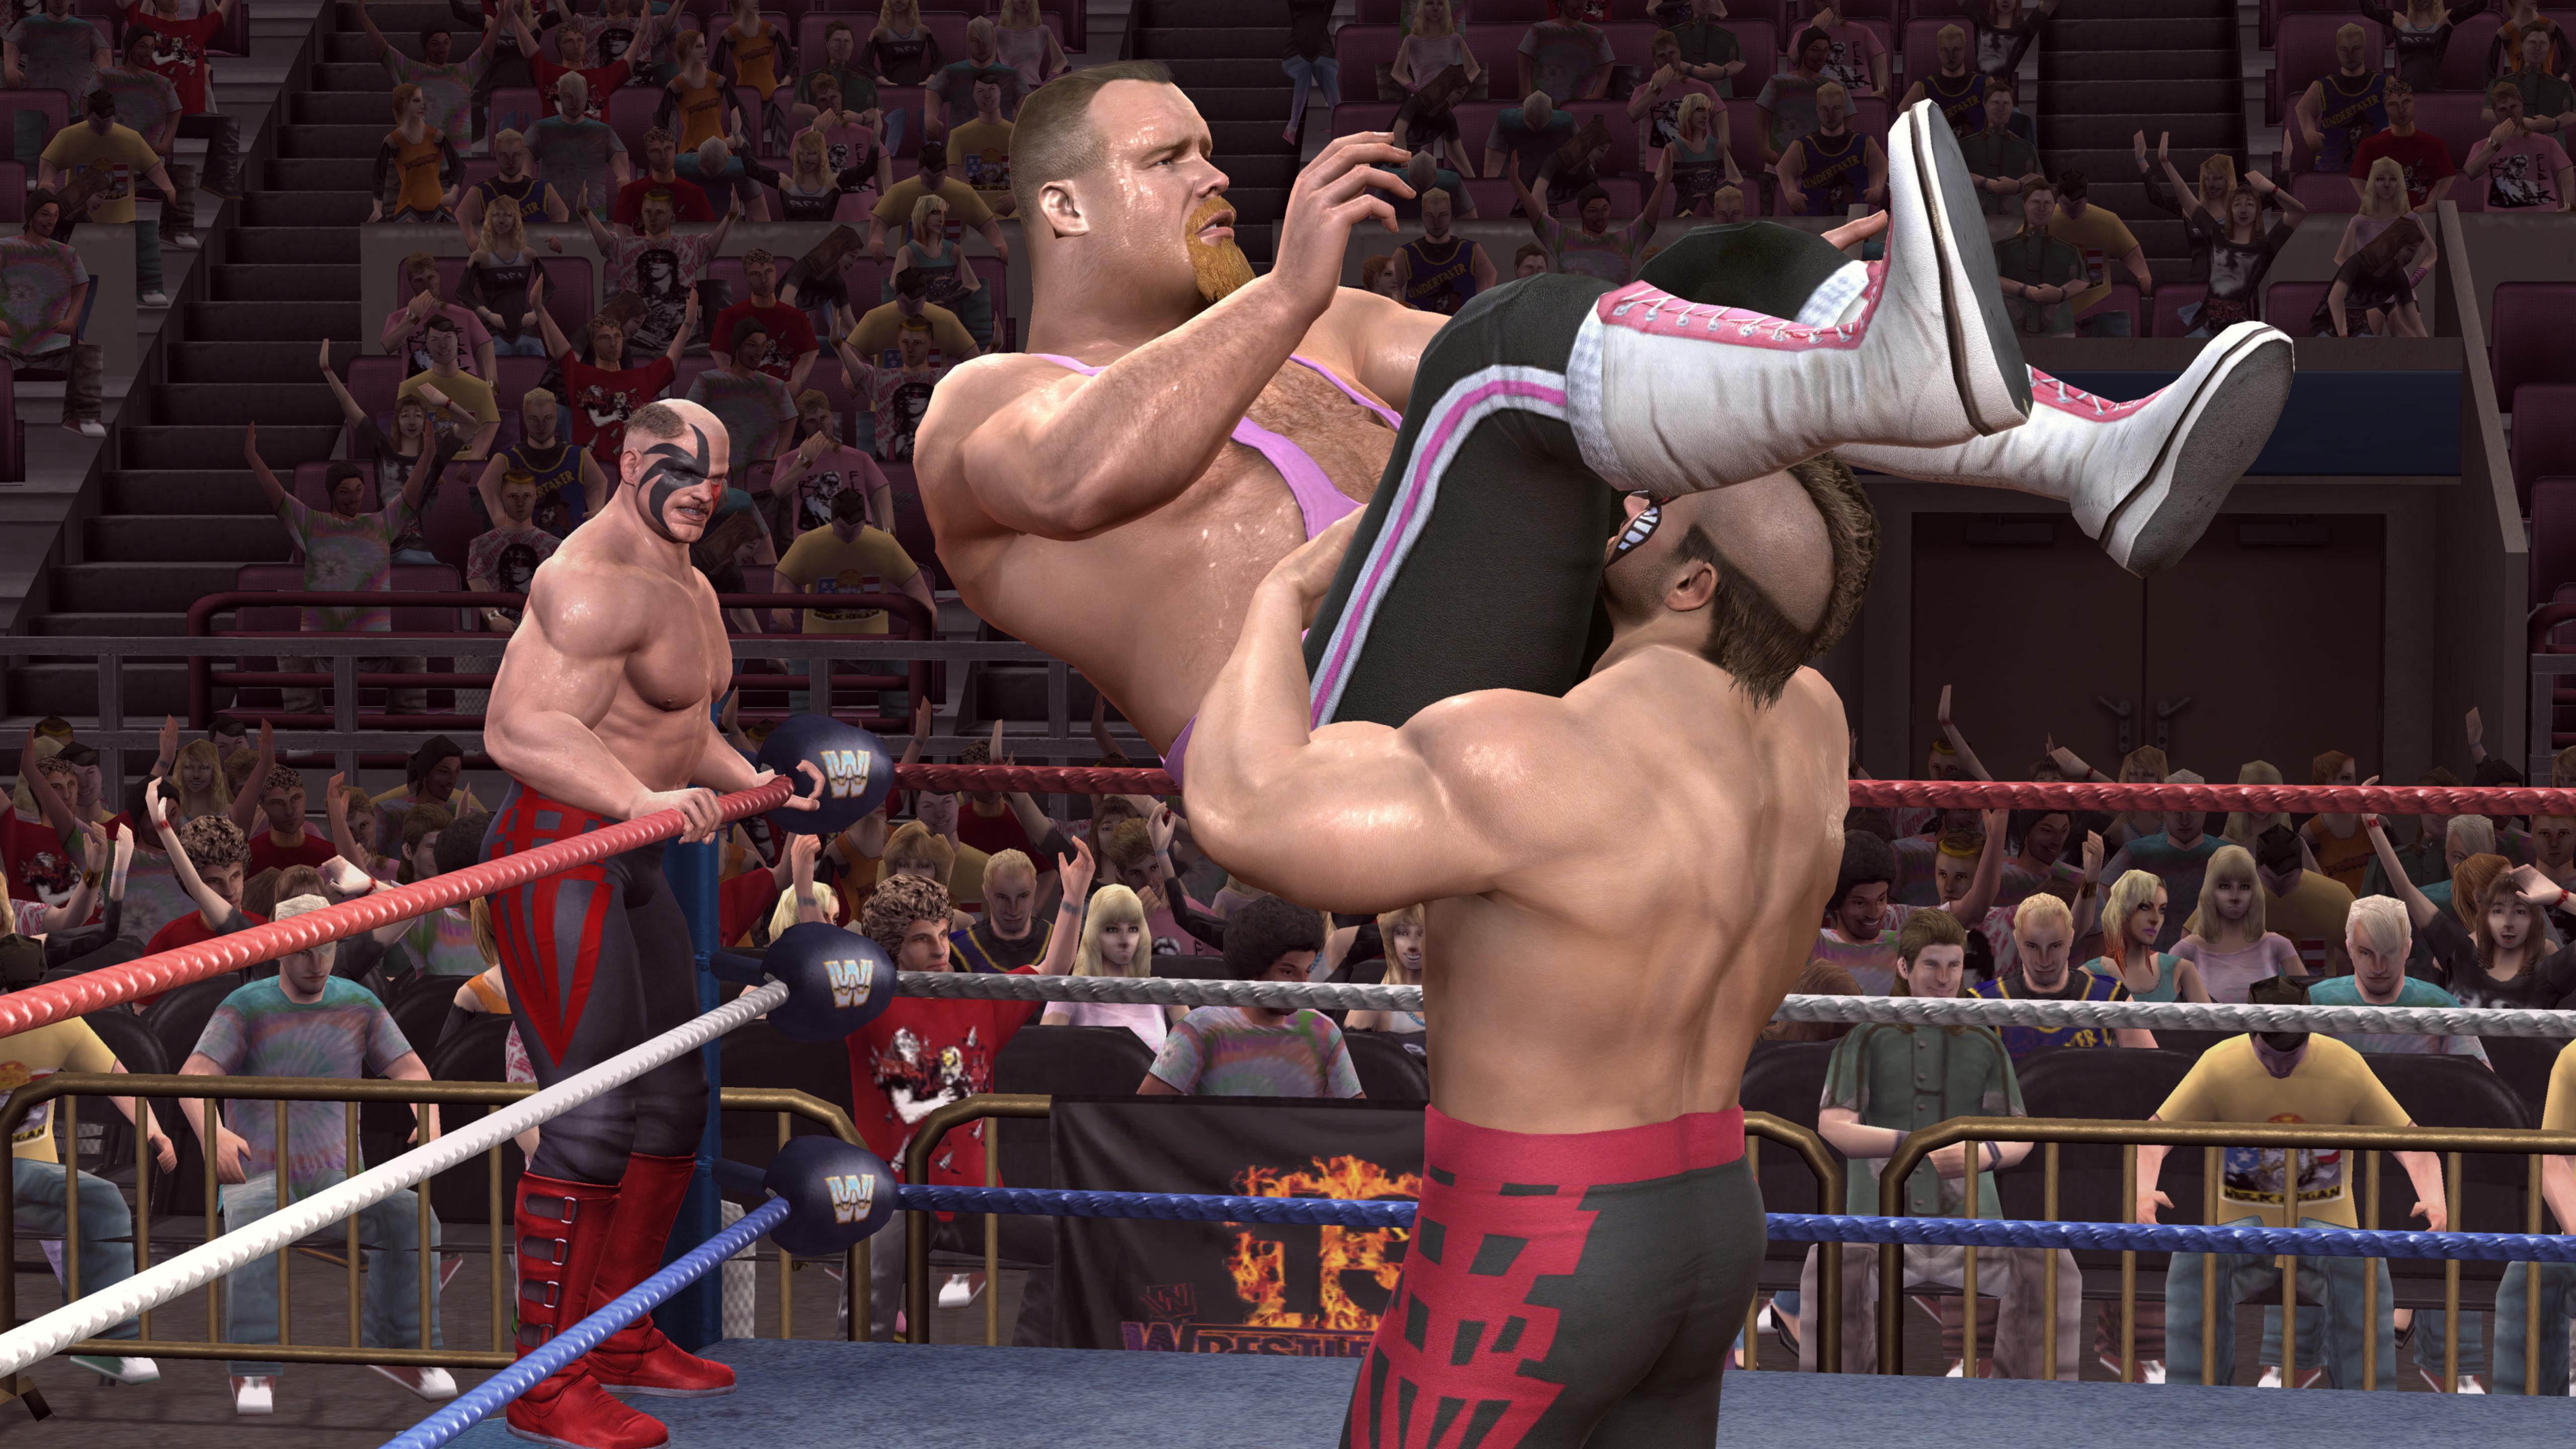 Wwe Legends Of Wrestlemania Review Gamesradar